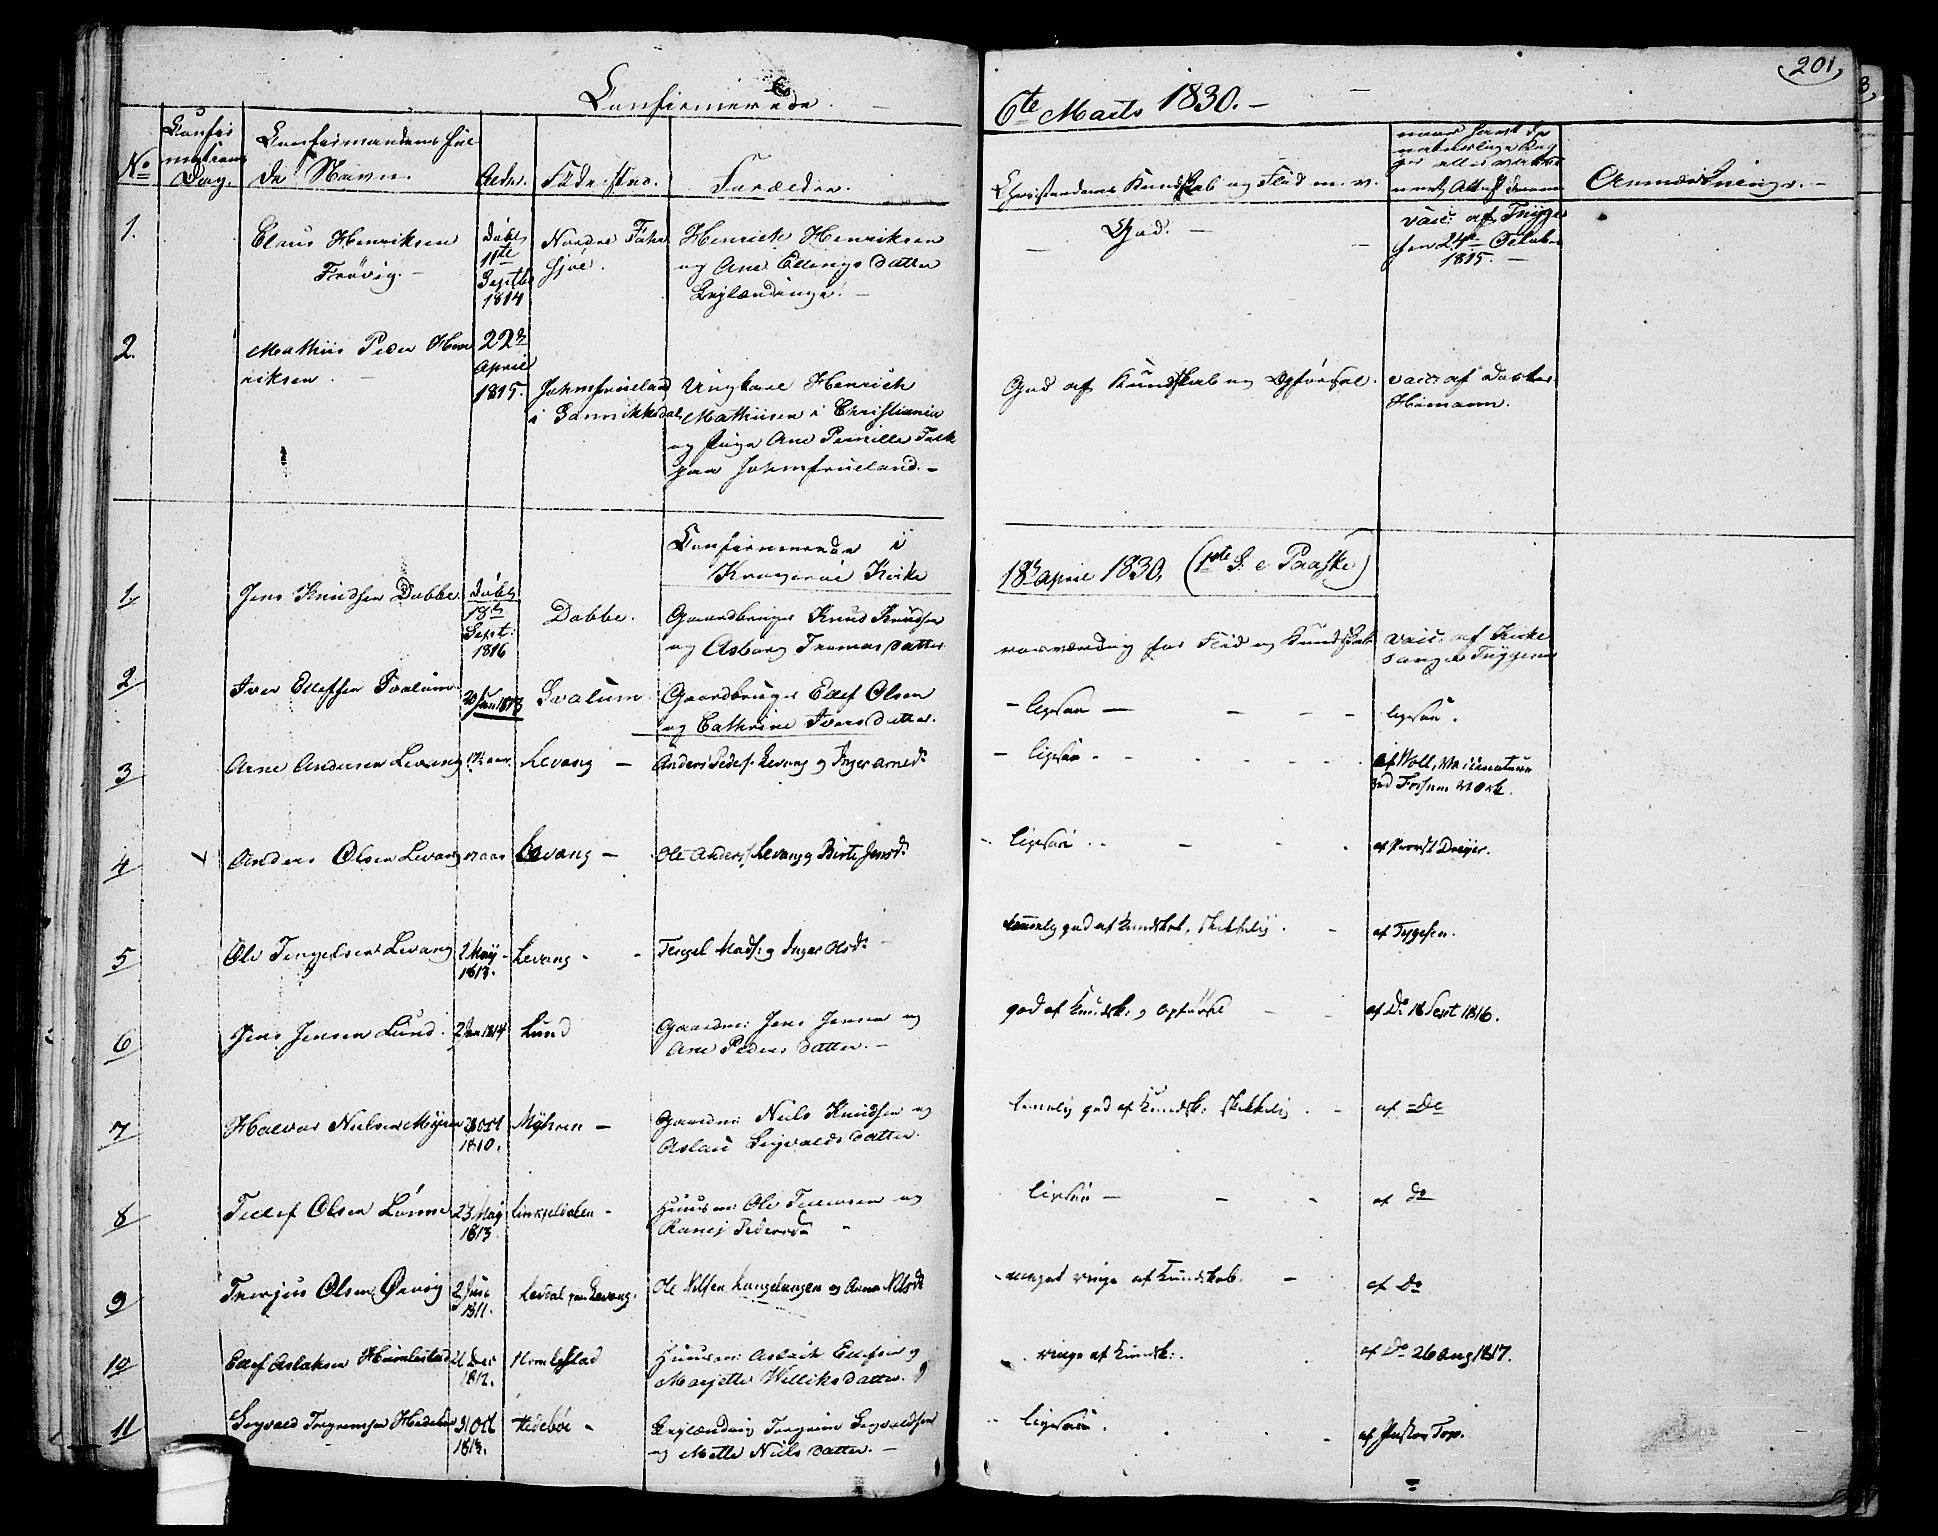 SAKO, Sannidal kirkebøker, F/Fa/L0005: Ministerialbok nr. 5, 1823-1830, s. 201